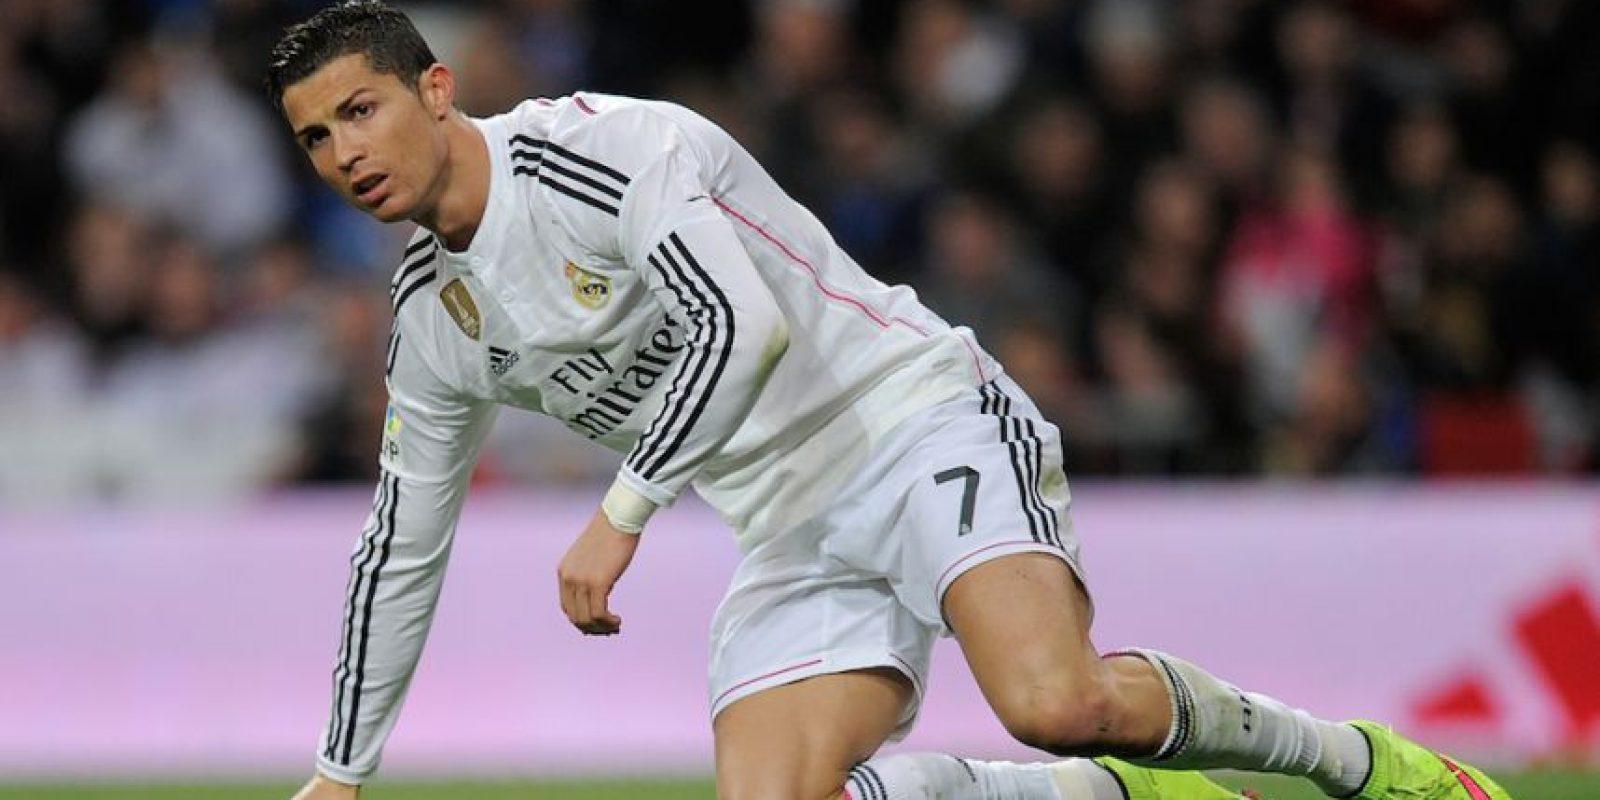 Ahora solamente ha marcado cinco tantos en la Liga española. Foto:Getty Images